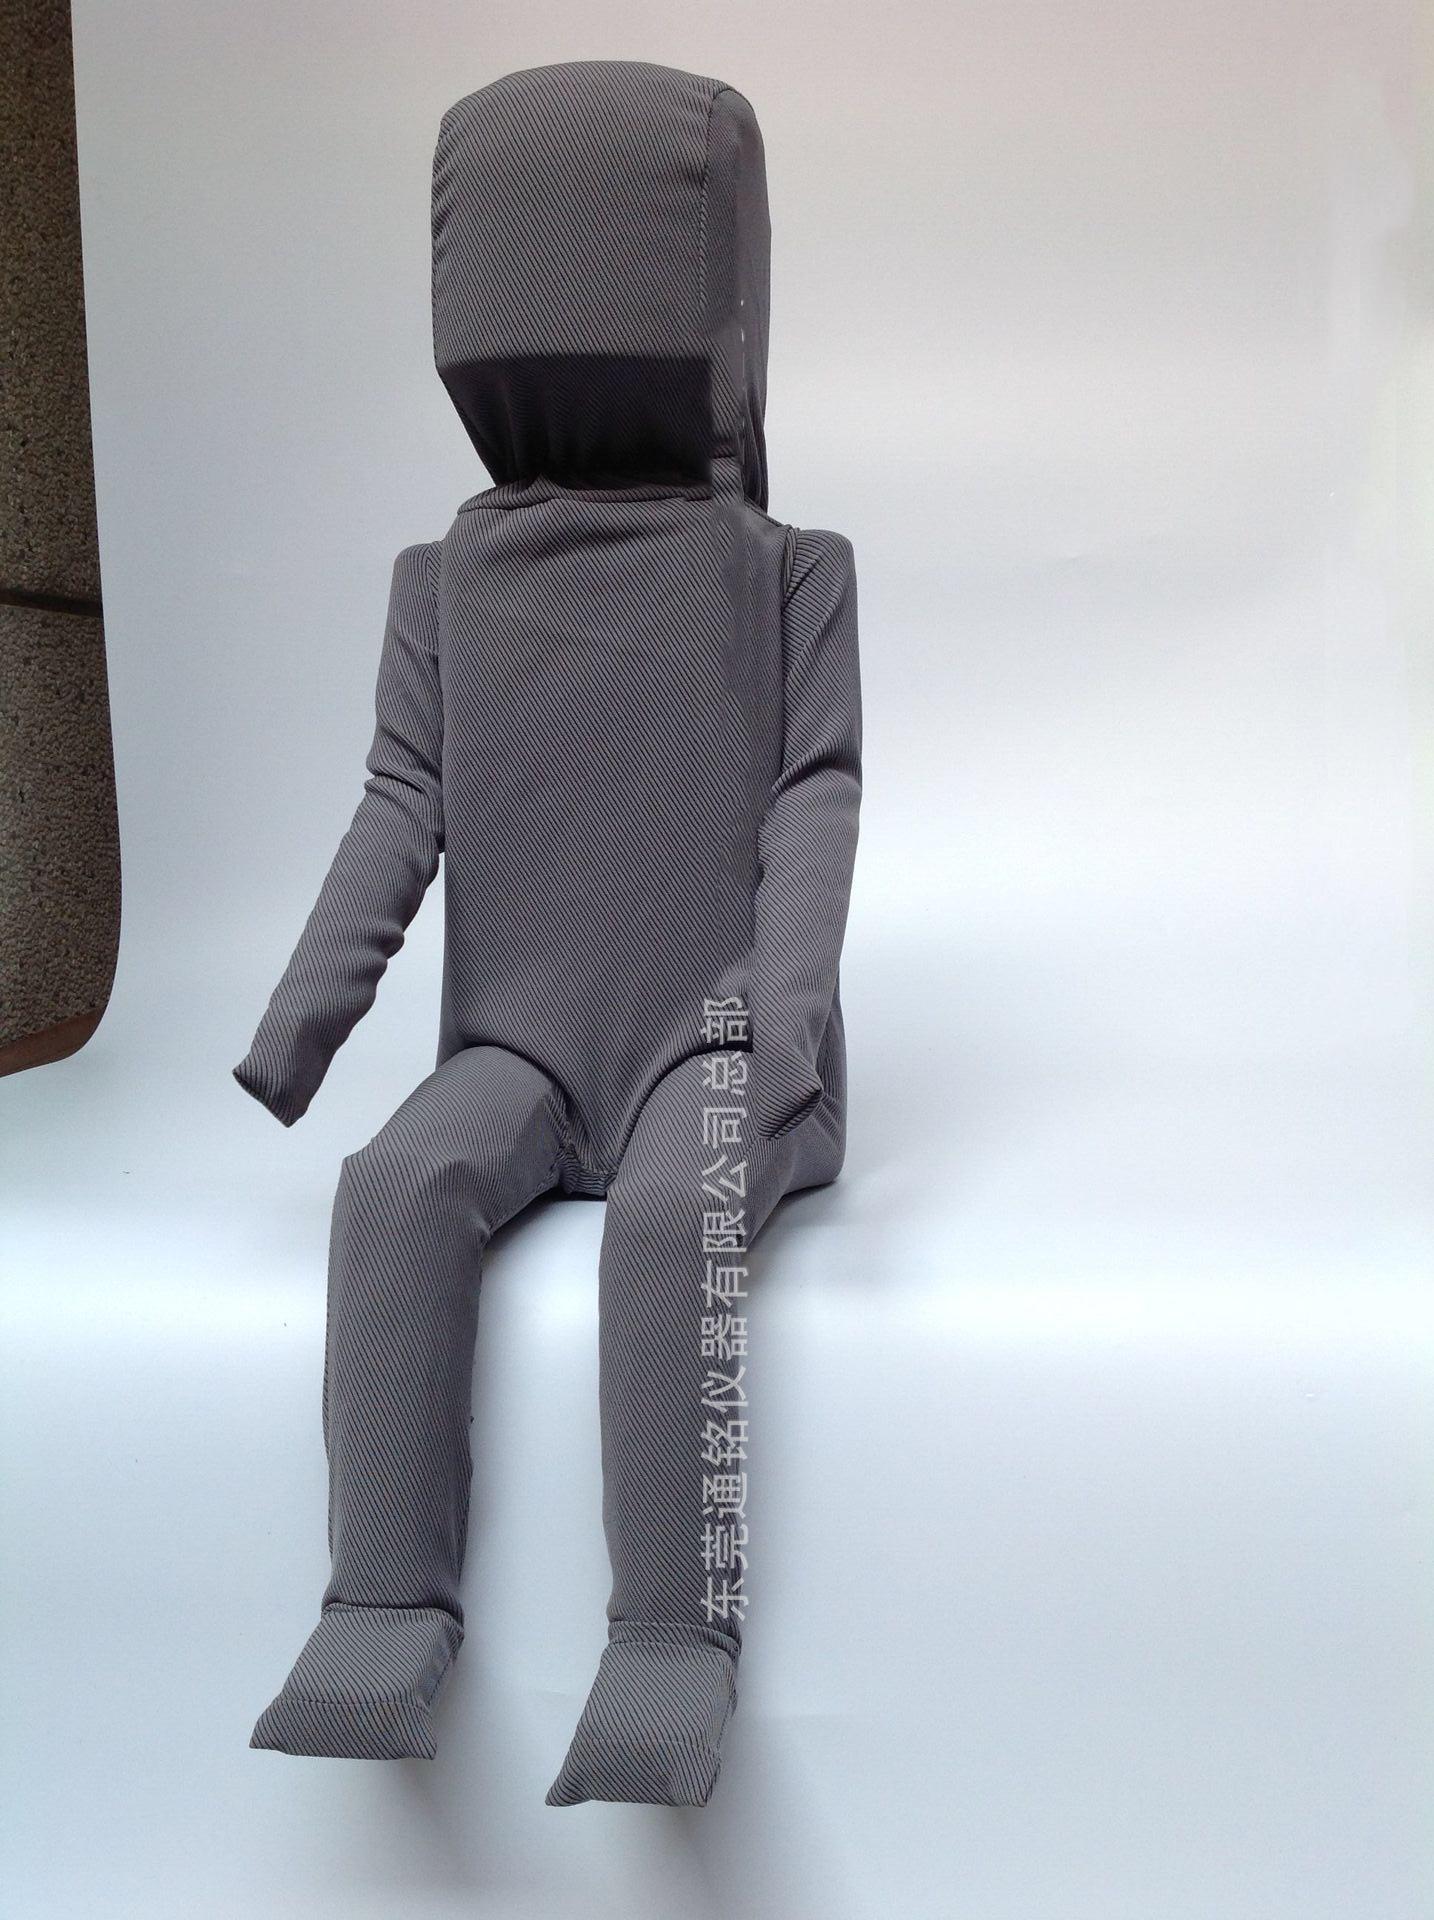 CRABI 儿童安全座椅测试假人模型,汽车束缚系统人体模型-通铭 1